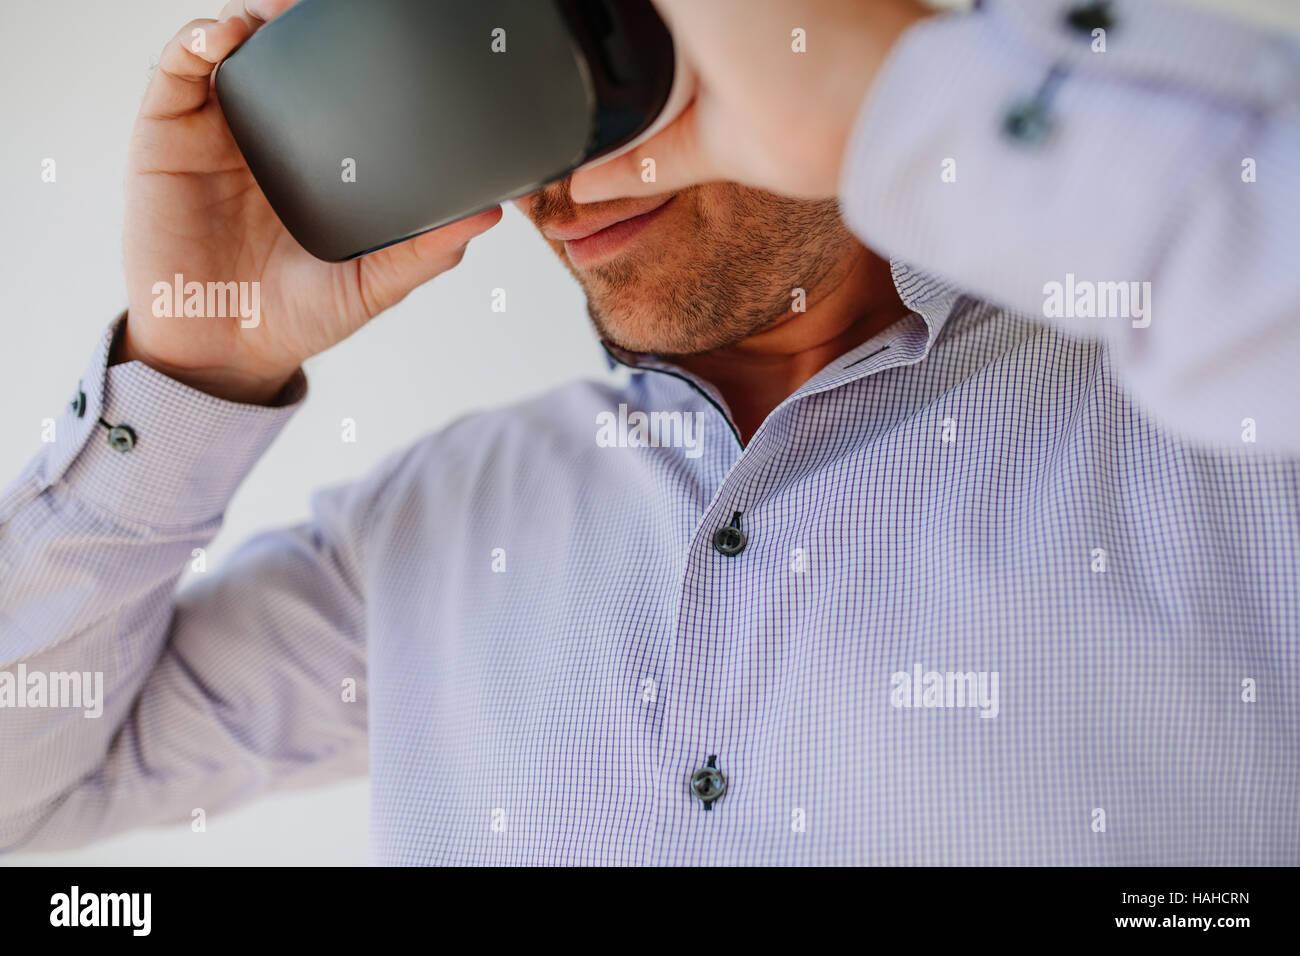 Closeup shot de joven utilizando gafas de realidad virtual. El empresario que lleva puestas las gafas de RV. Imagen De Stock